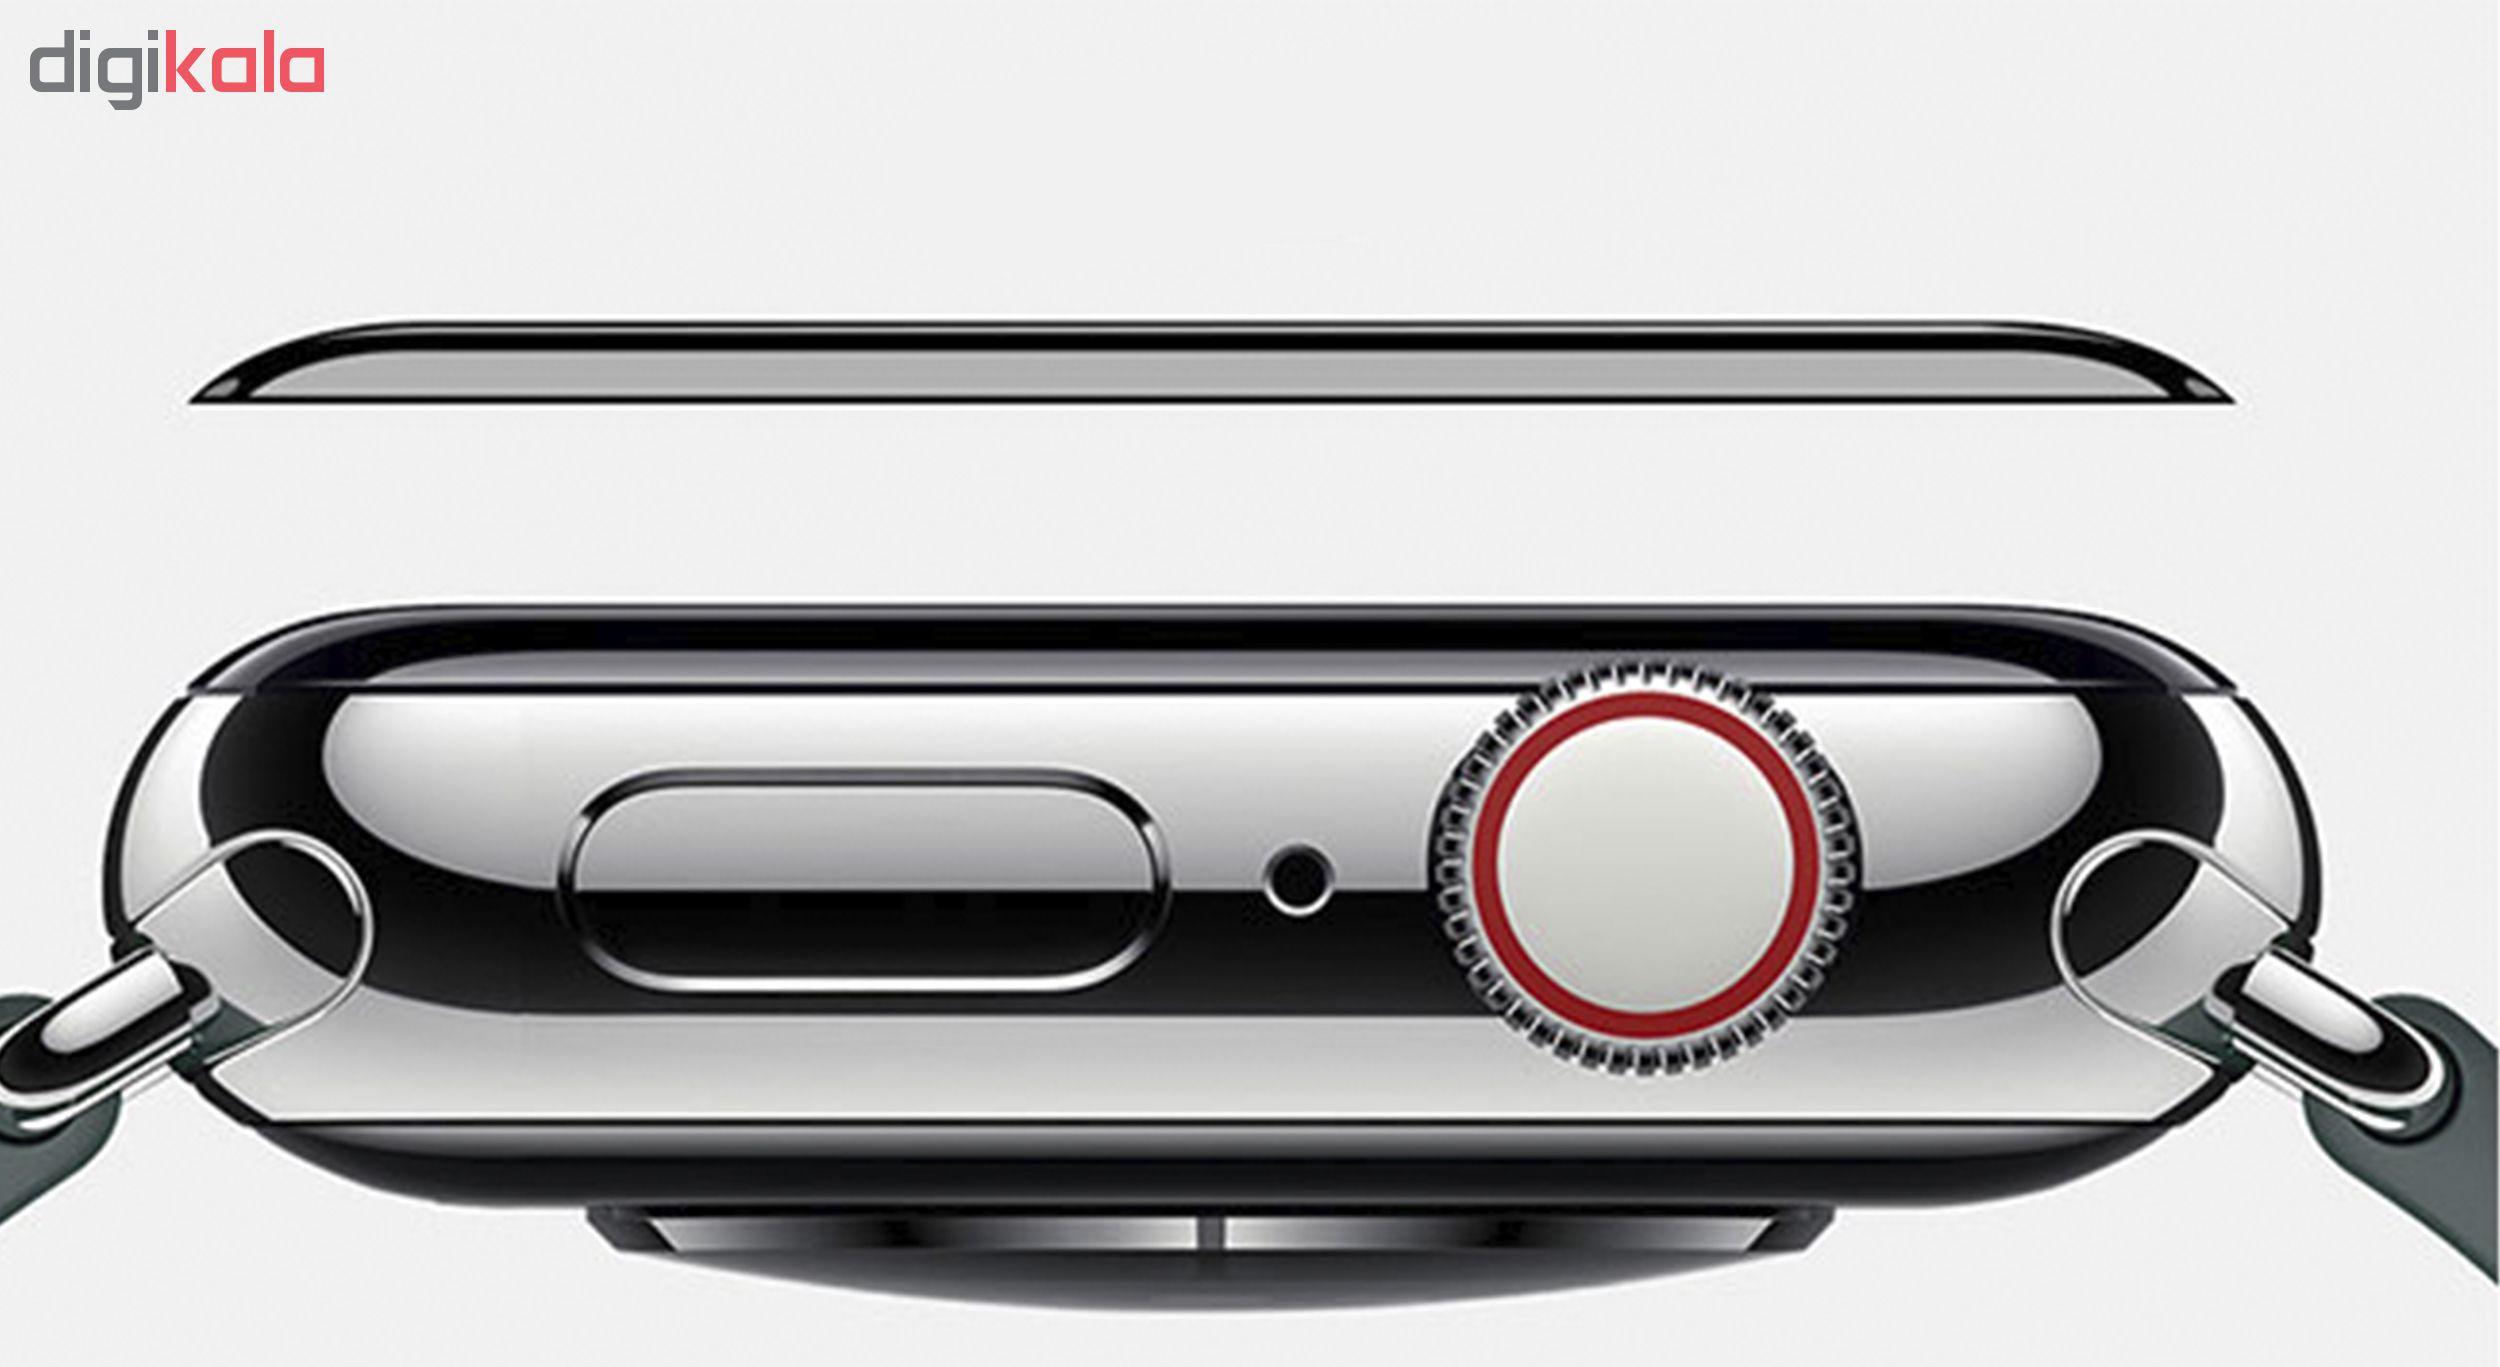 محافظ صفحه نمایش سومگ مدل SMG-G38 مناسب برای اپل واچ 38 میلی متری main 1 6